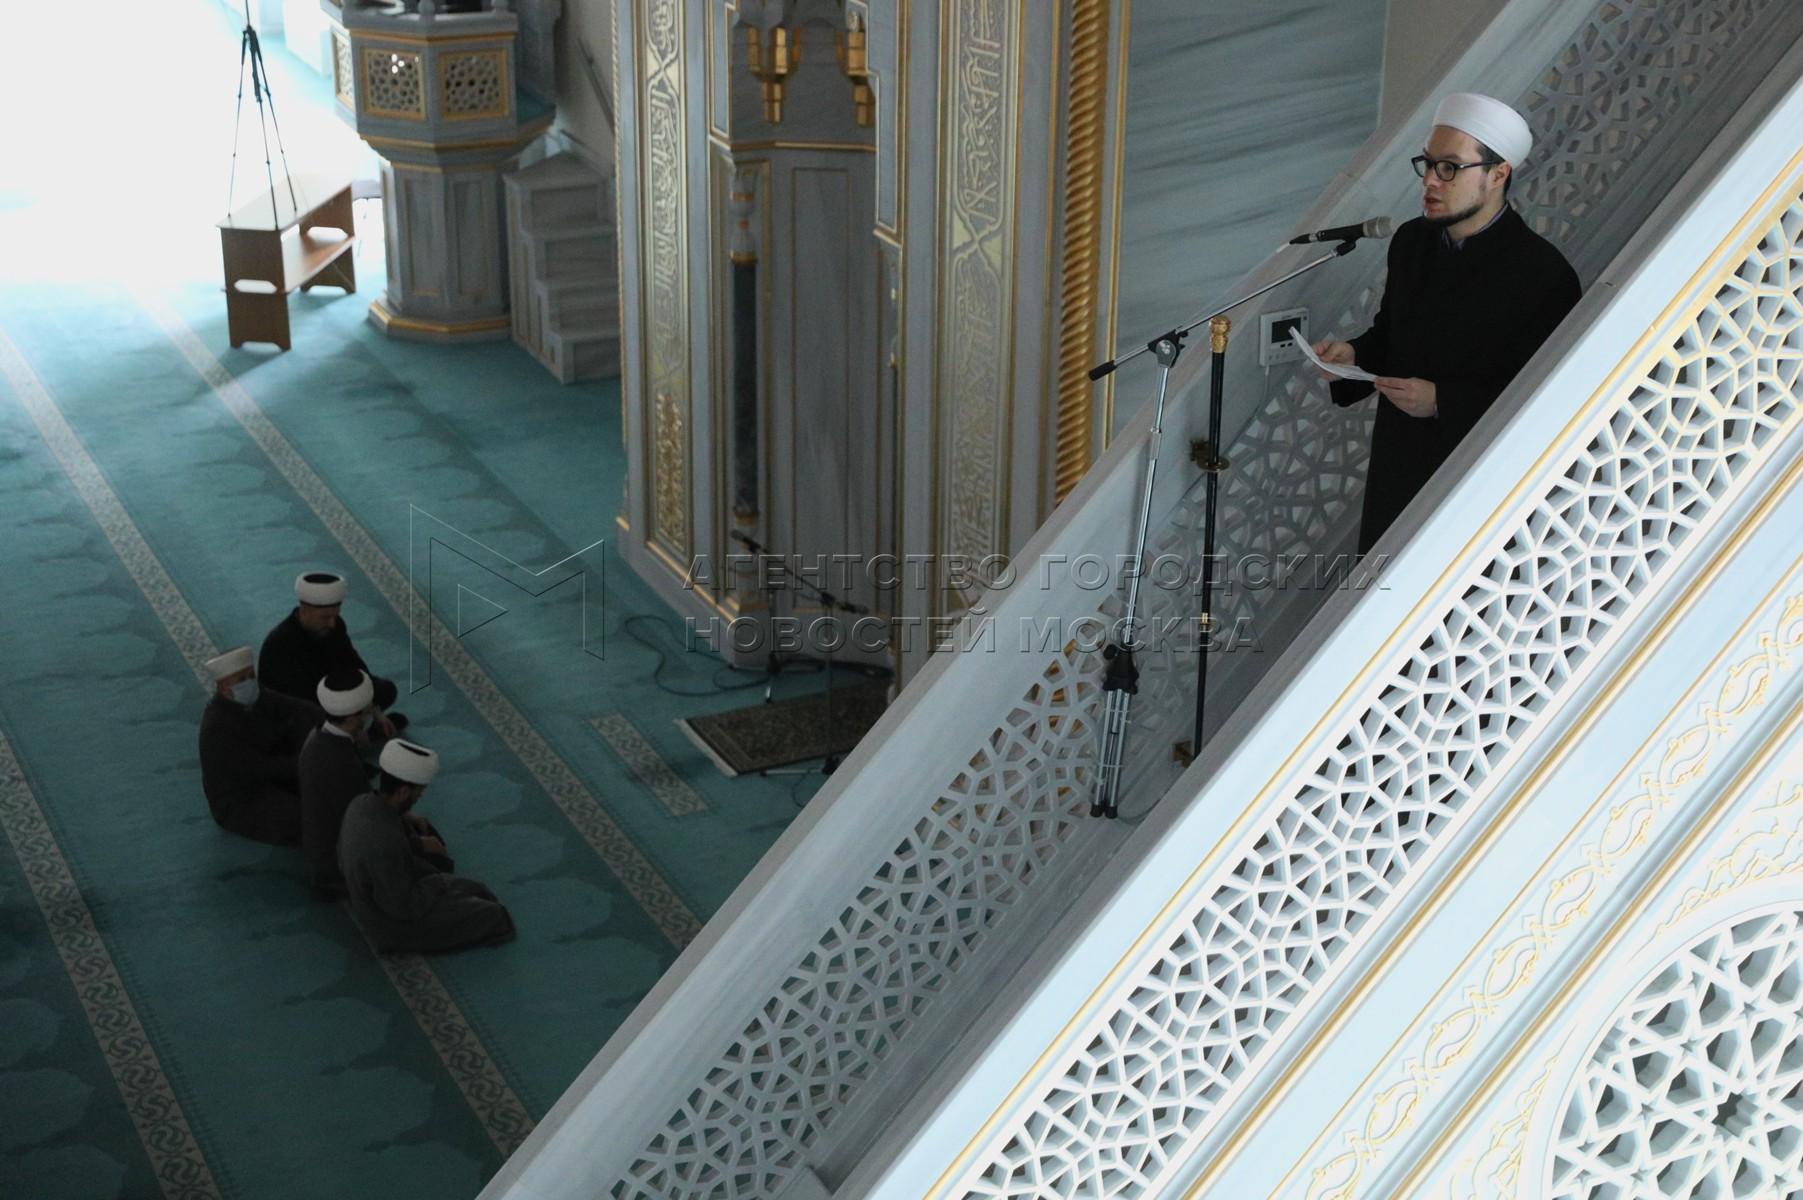 Проведение пятничной молитвы в Московской соборной мечети в режиме онлайн в связи с угрозой распространения коронавируса.